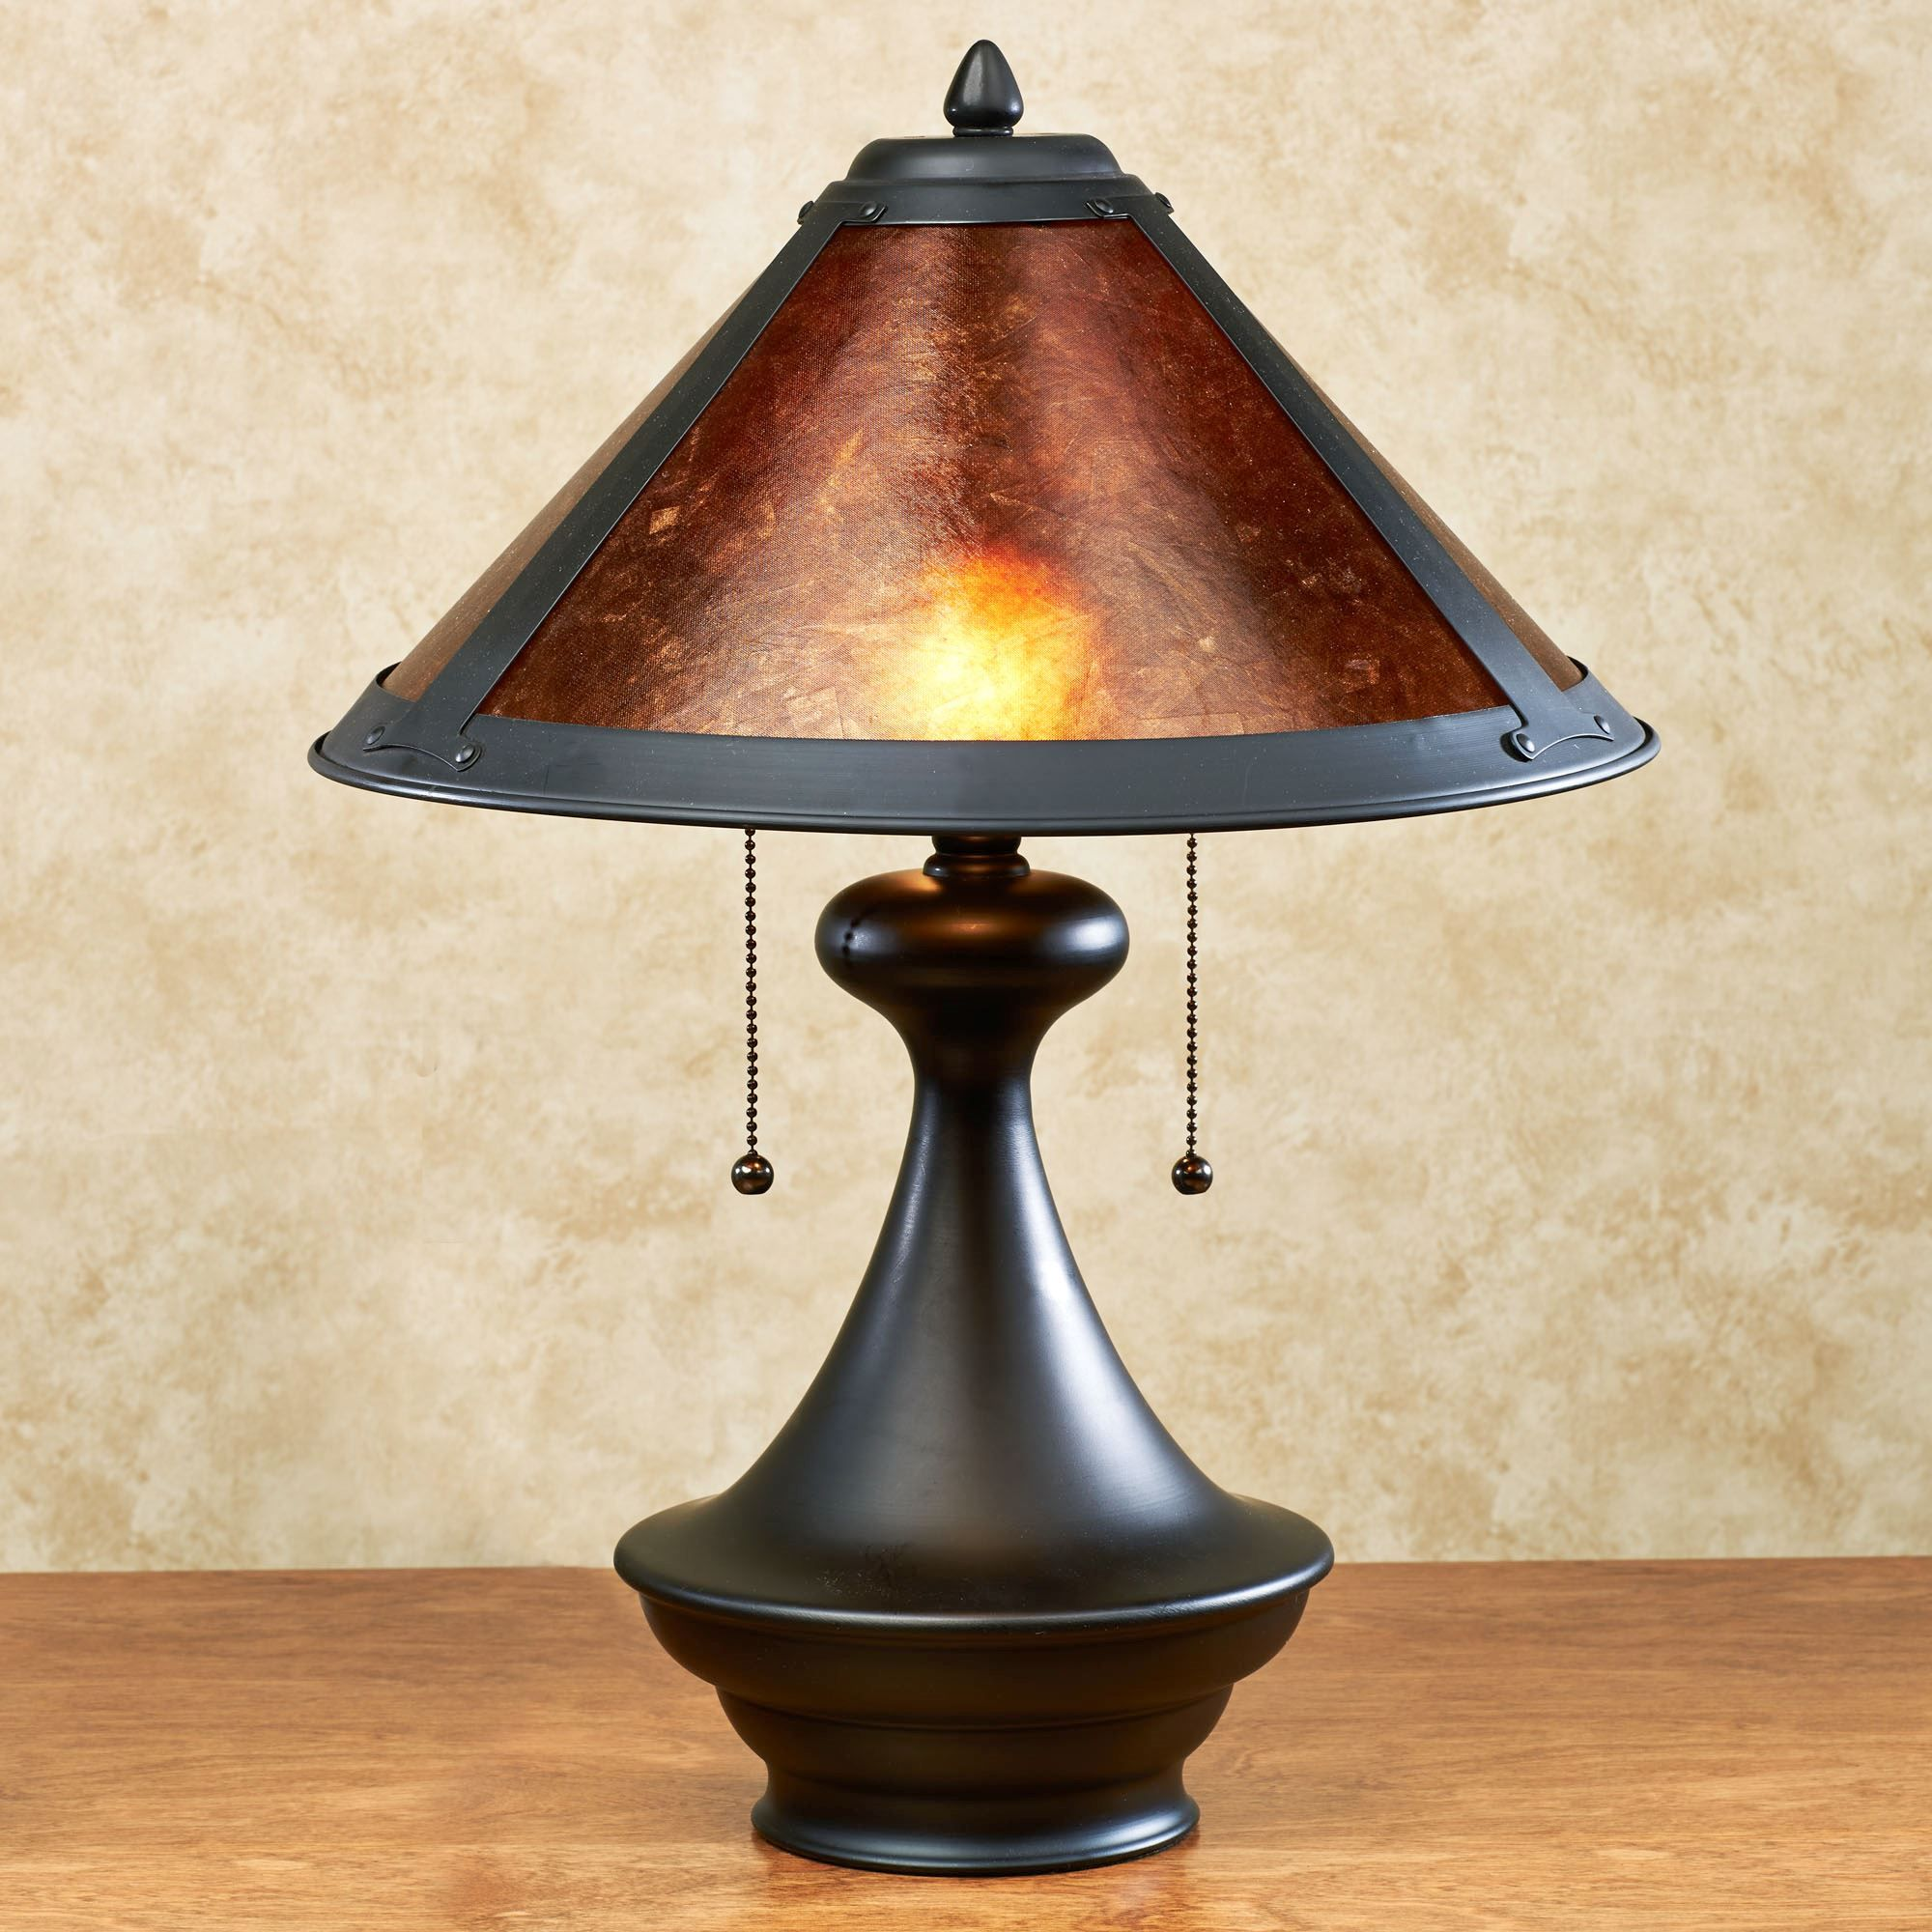 stehlampe tisch bild with stehlampe tisch finest ikea. Black Bedroom Furniture Sets. Home Design Ideas